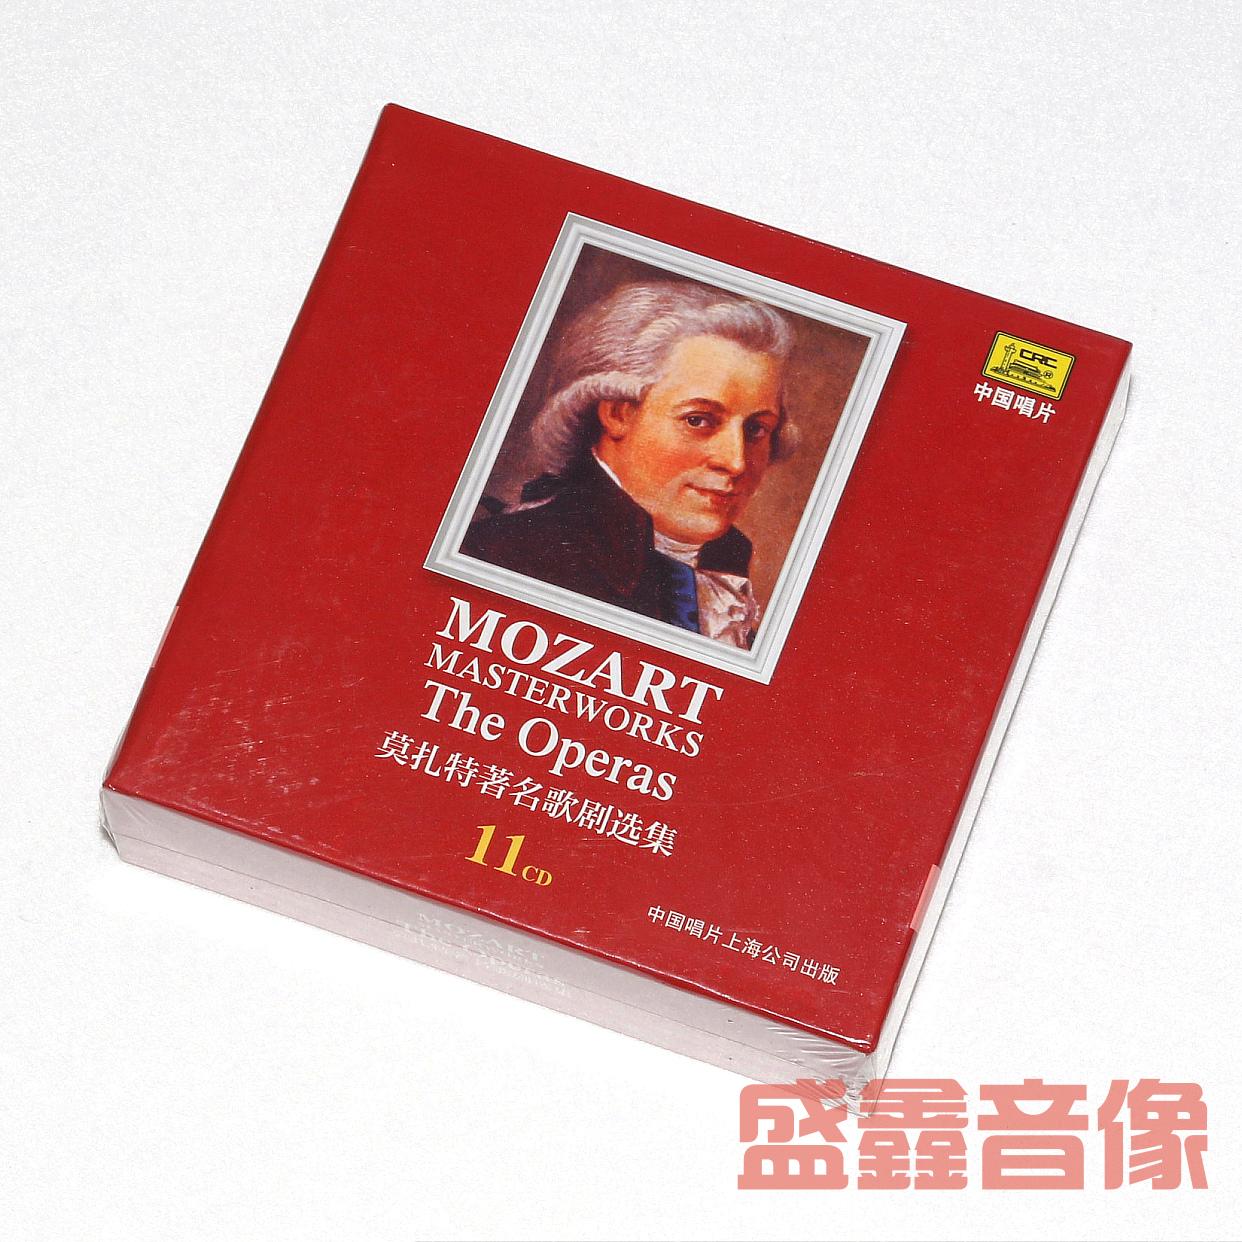 正版 欧美古典音乐碟片 莫扎特著名歌剧选集 11CD费加罗的婚礼 等